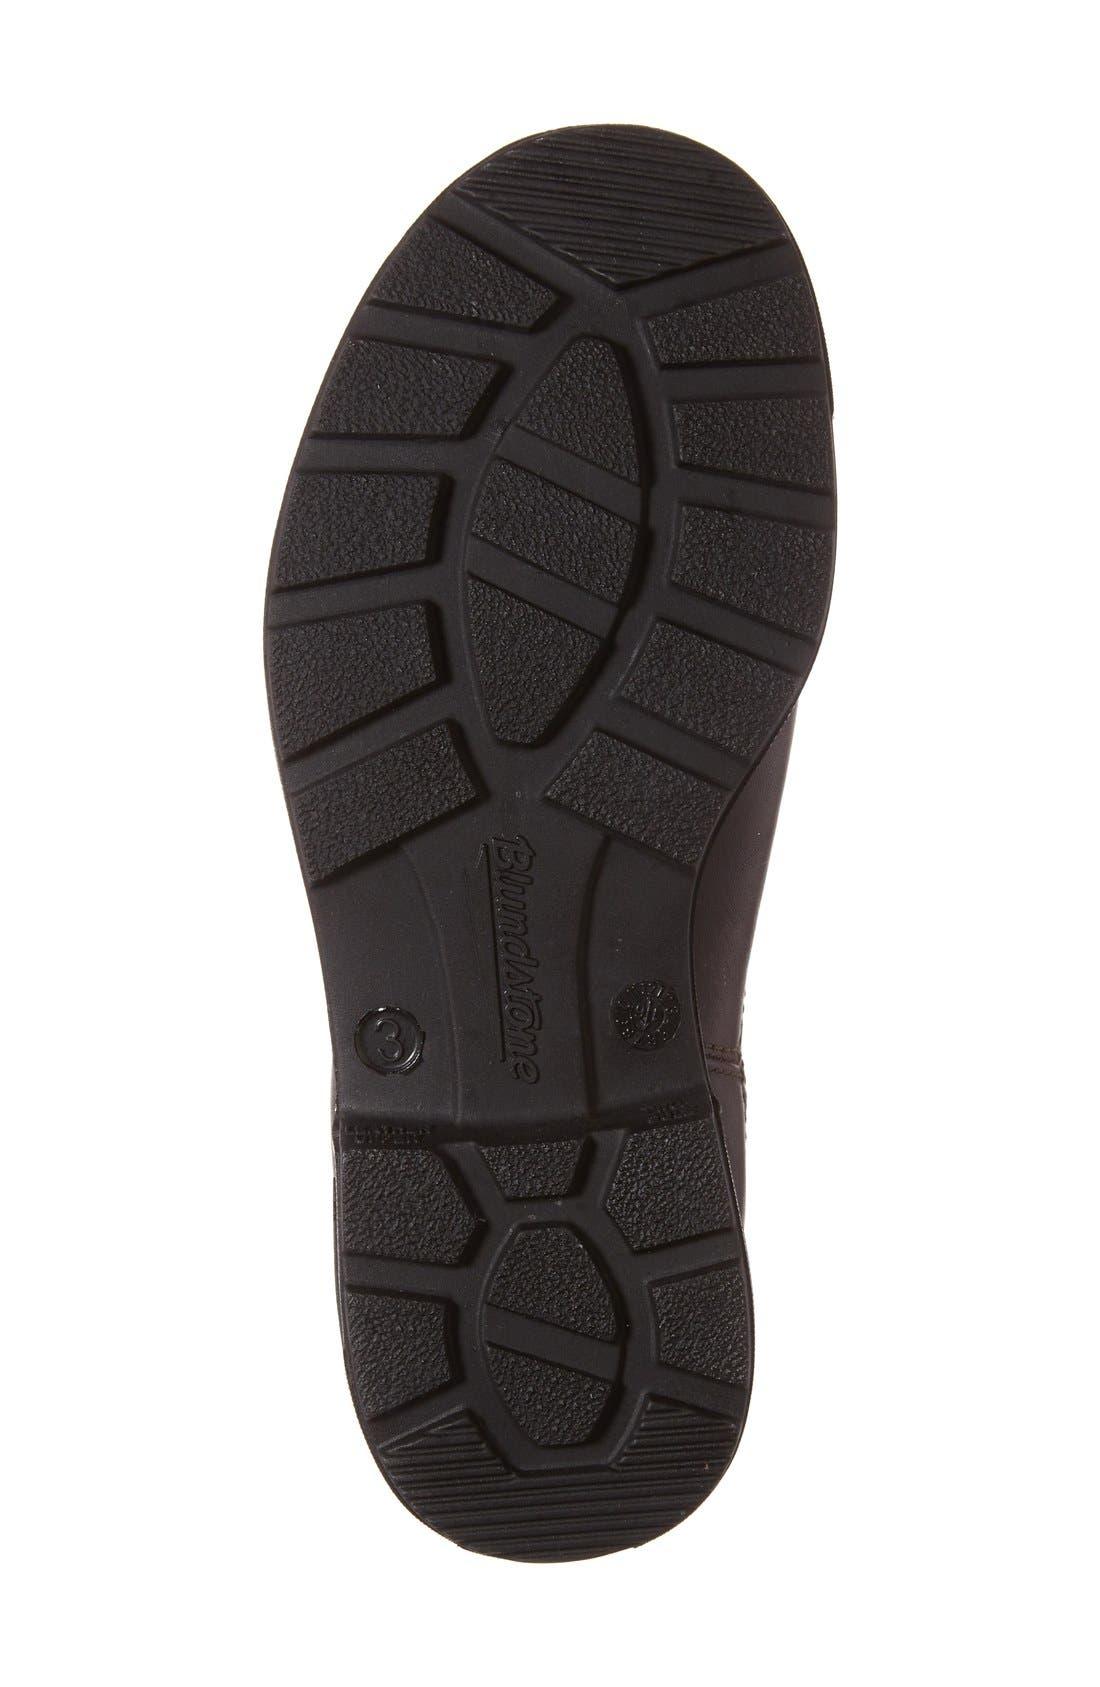 Alternate Image 4  - Blundstone Footwear 'Original Series' Water Resistant Chelsea Boot (Women)